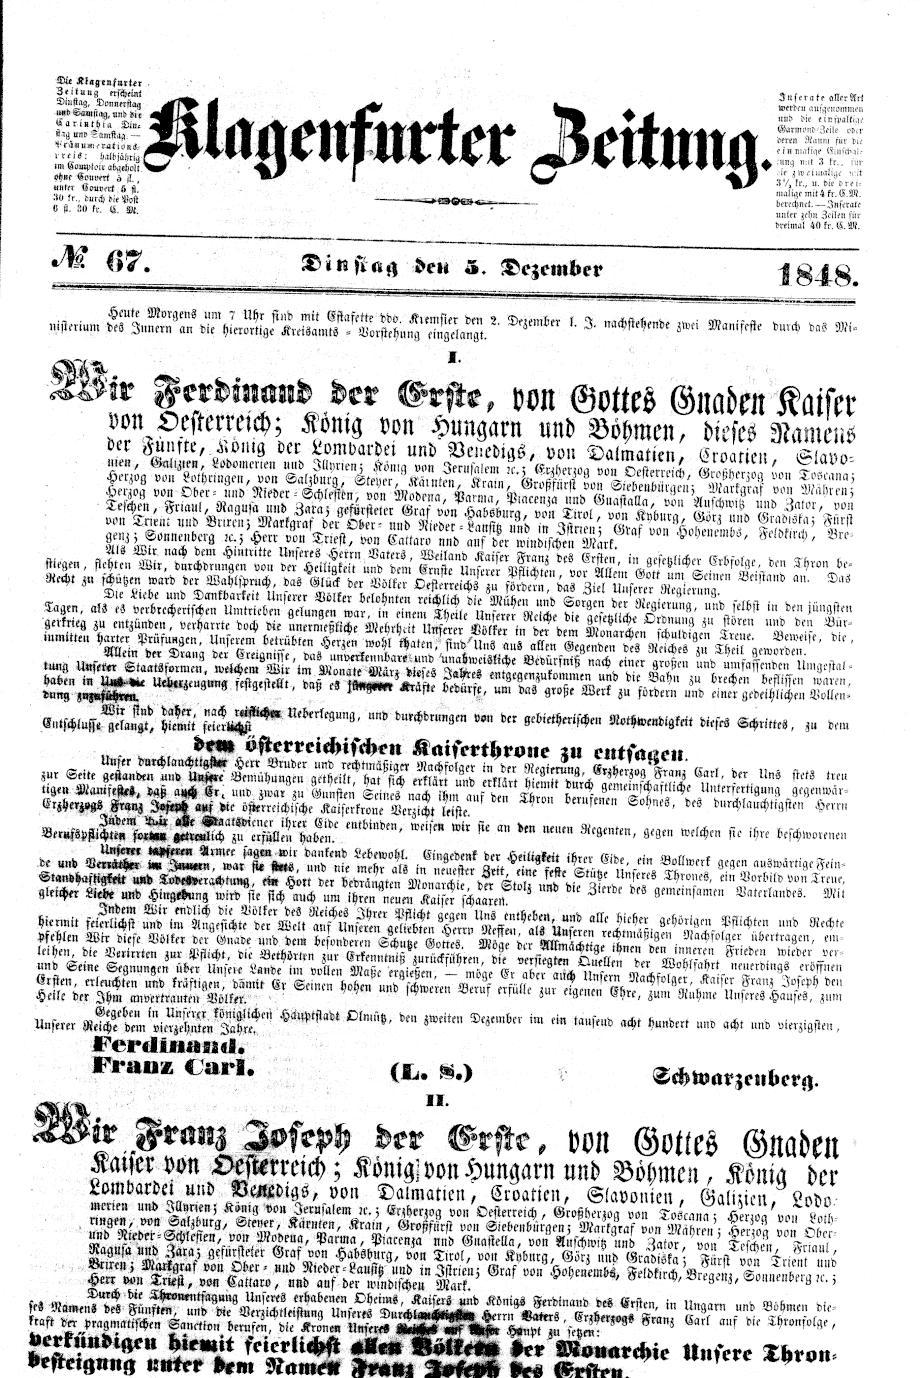 Klagenfurter Zeitung,  5. Dezember 1848, S. 1. ANNO/ÖNB